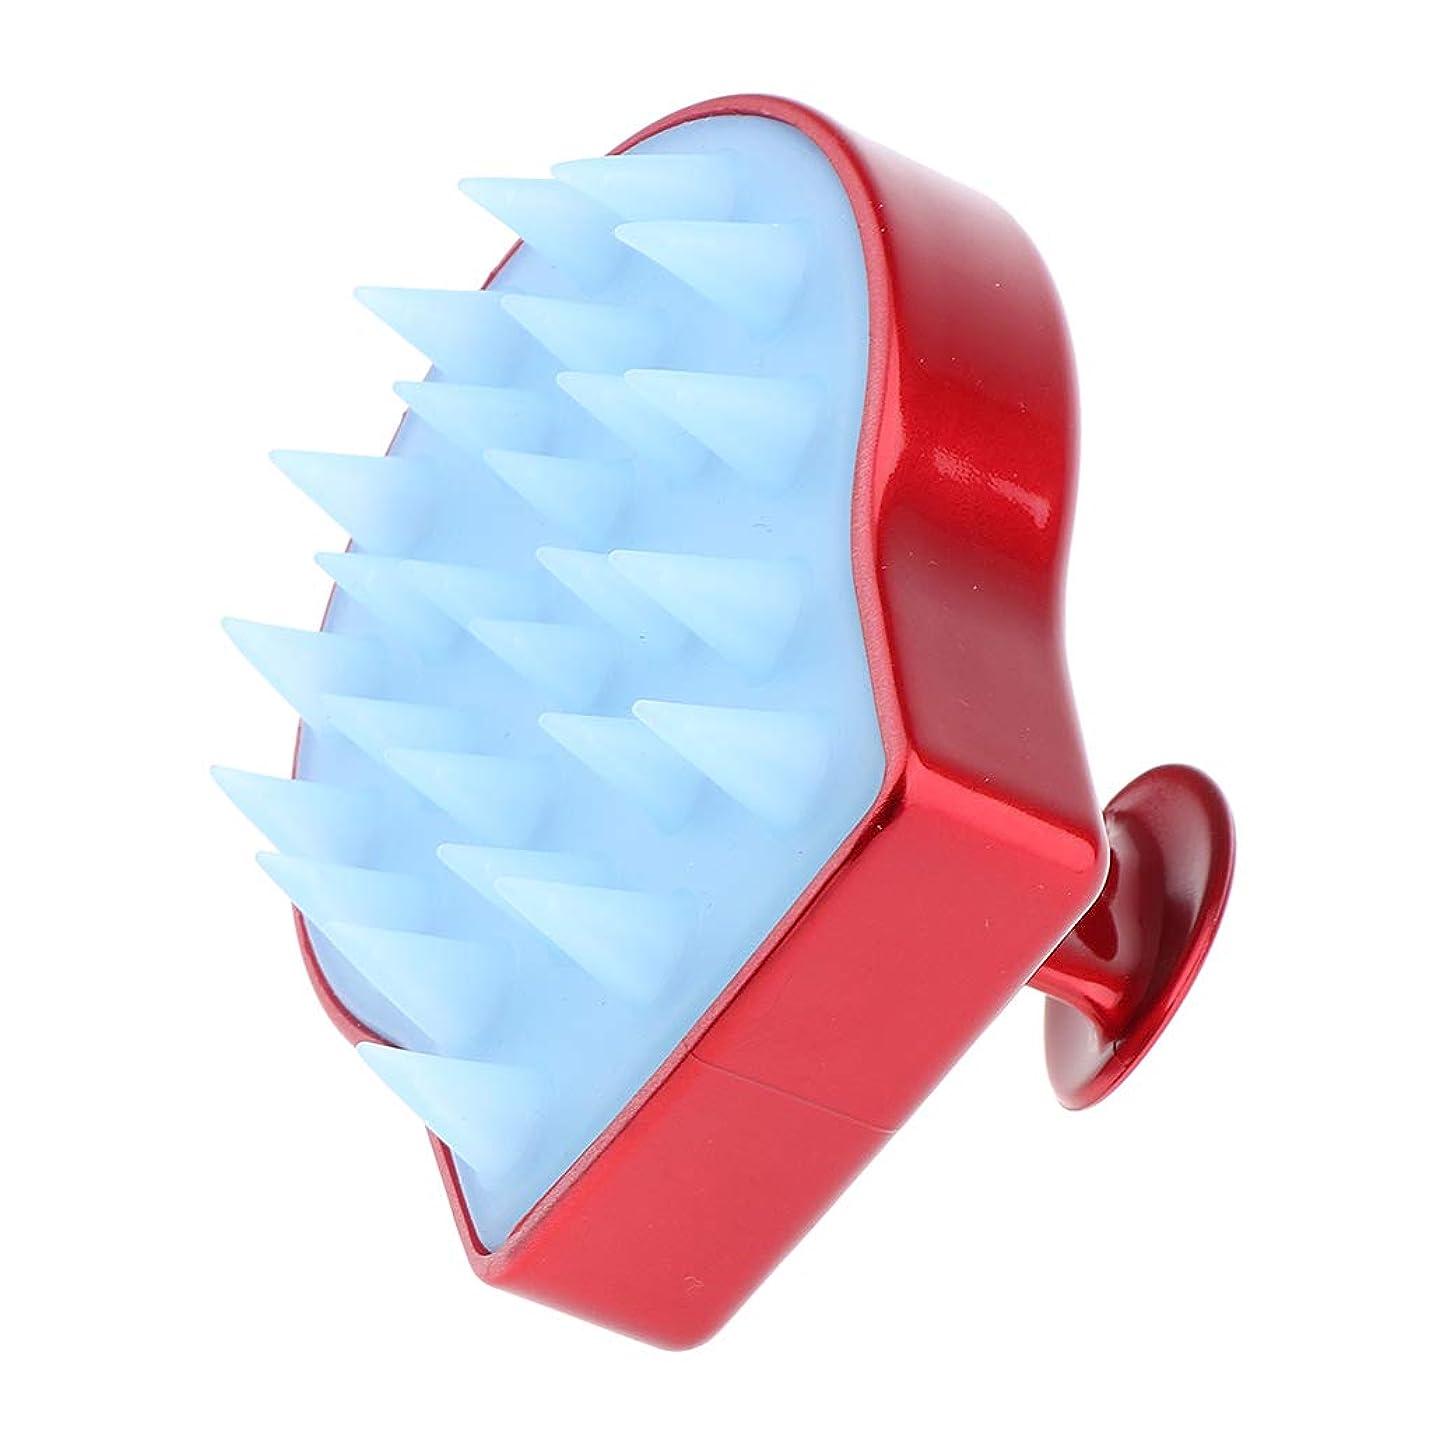 石膏バックアップ信頼性のあるB Blesiya 洗髪ブラシ ソフトシリコン シャンプーブラシ 頭皮マッサージ くし